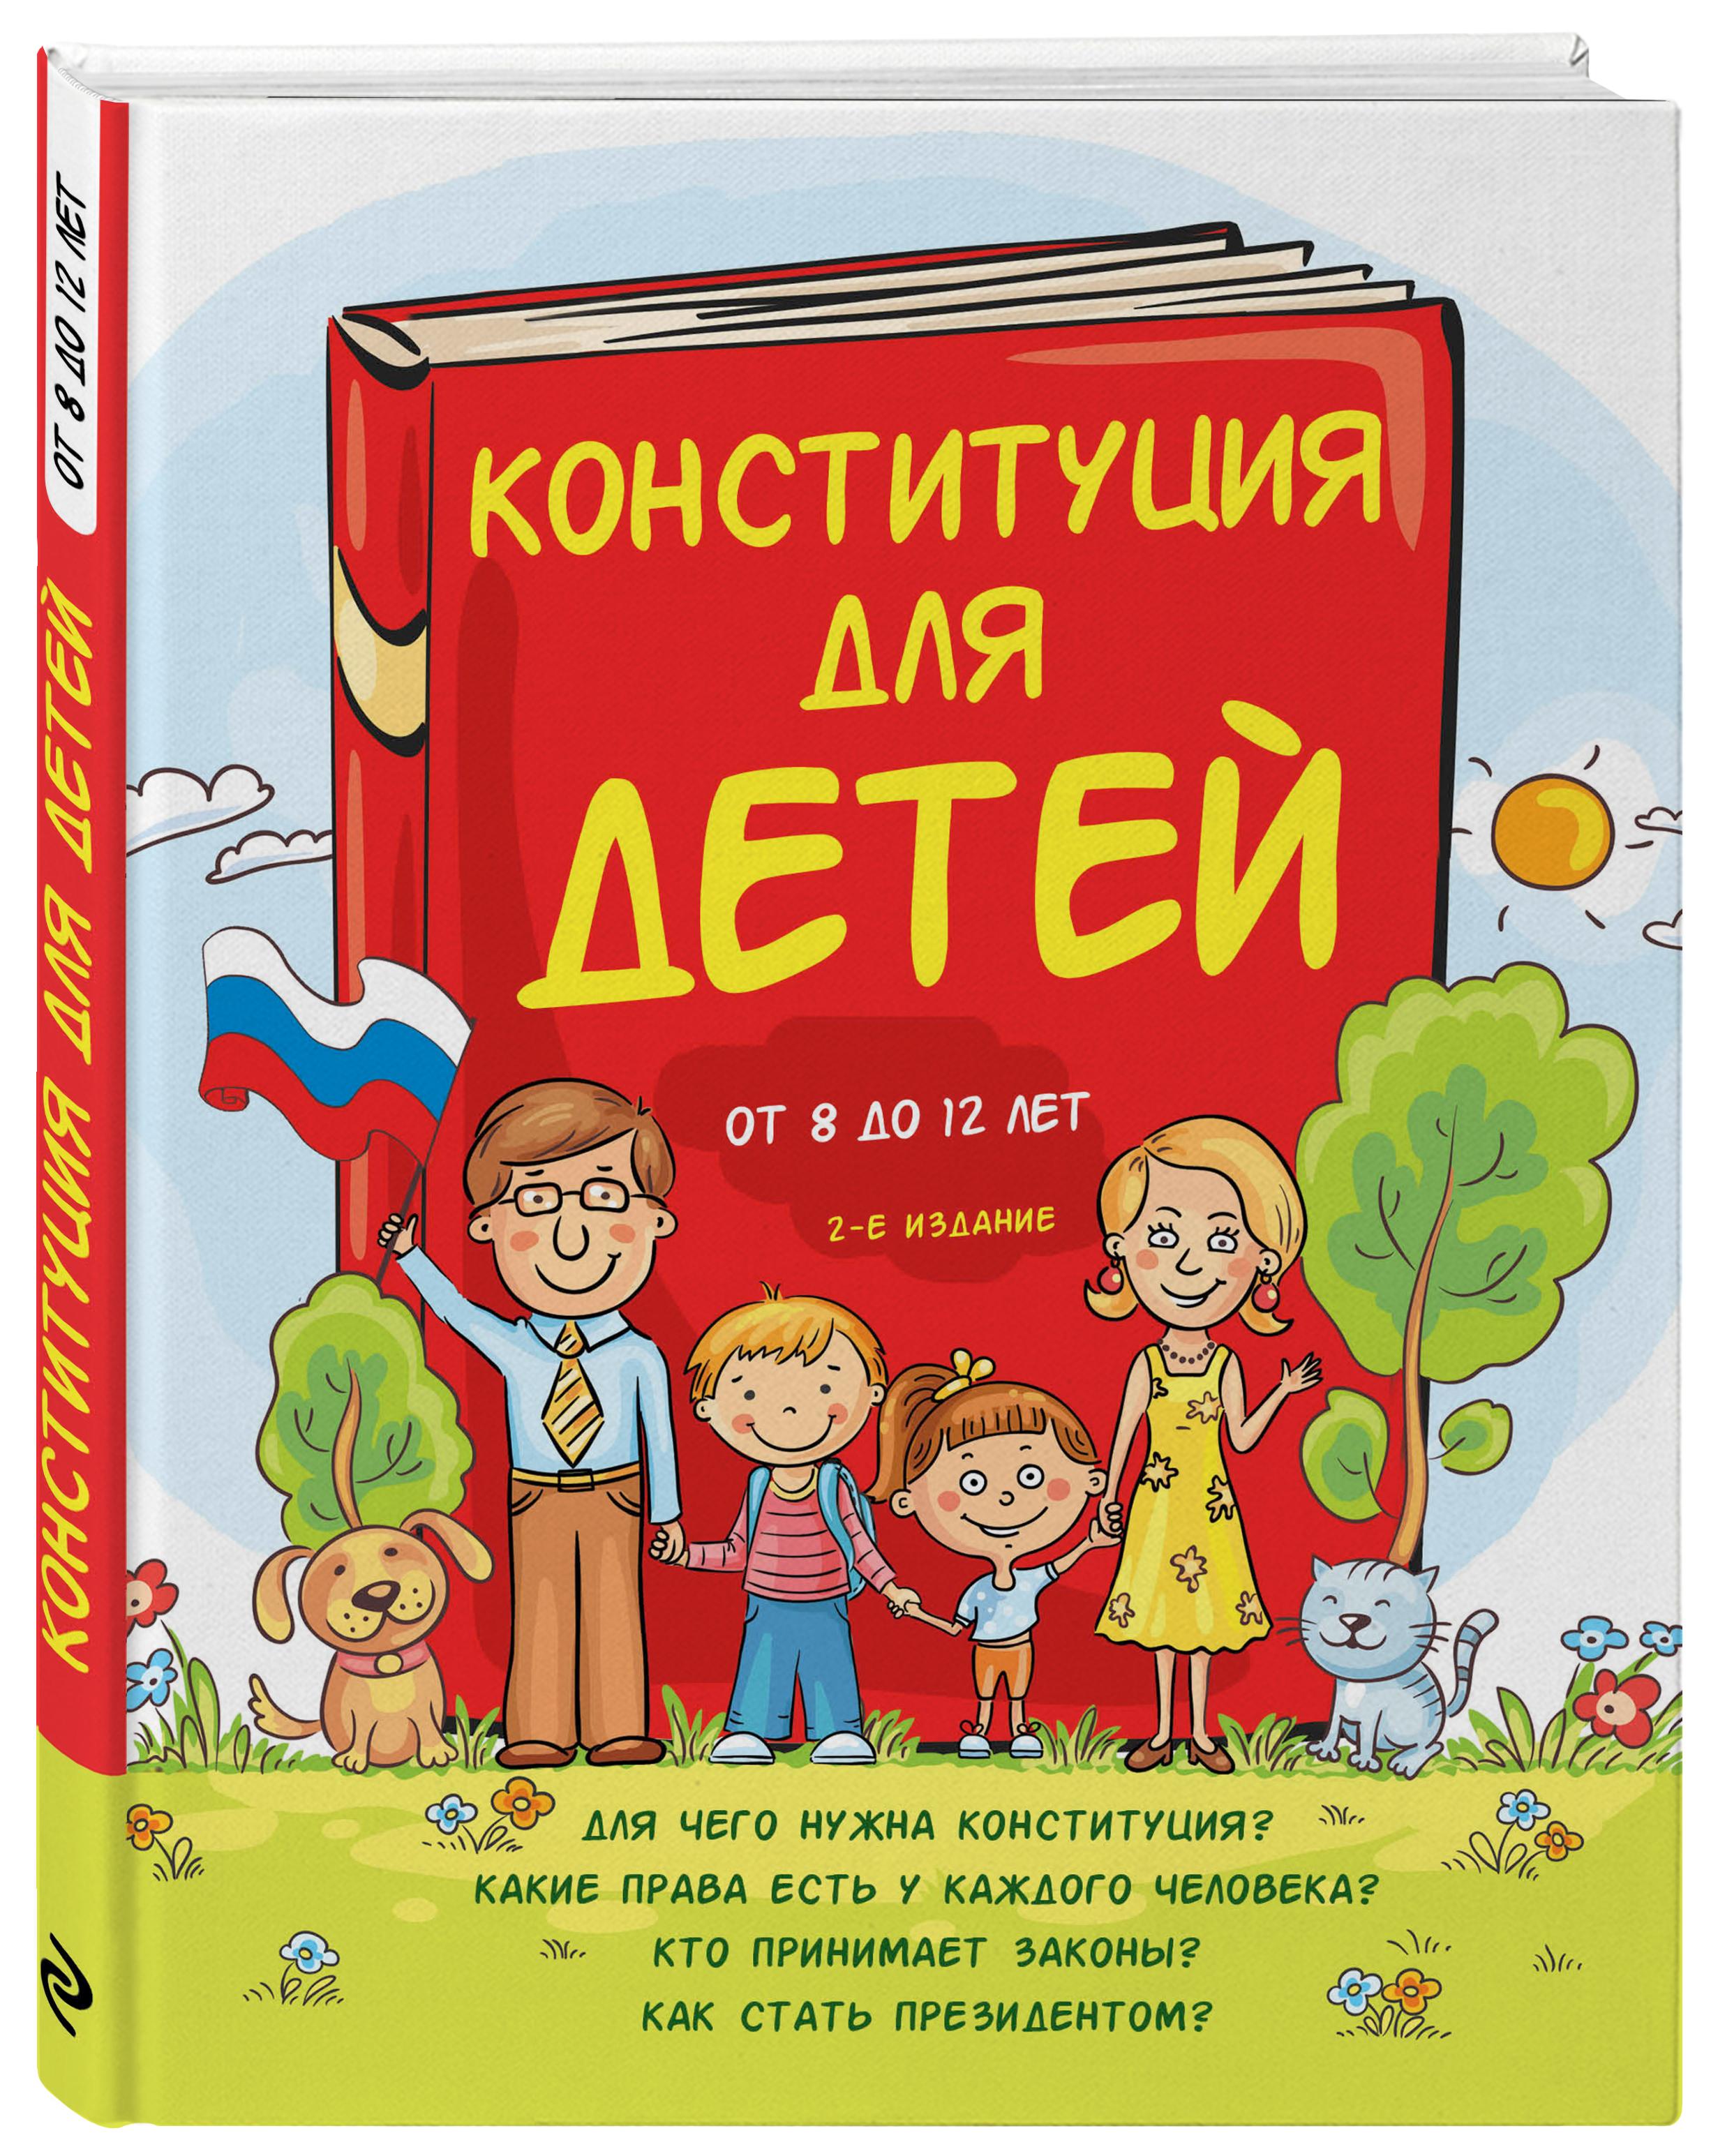 Конституция для детей. 2-е издание ( Серебренко Ася  )